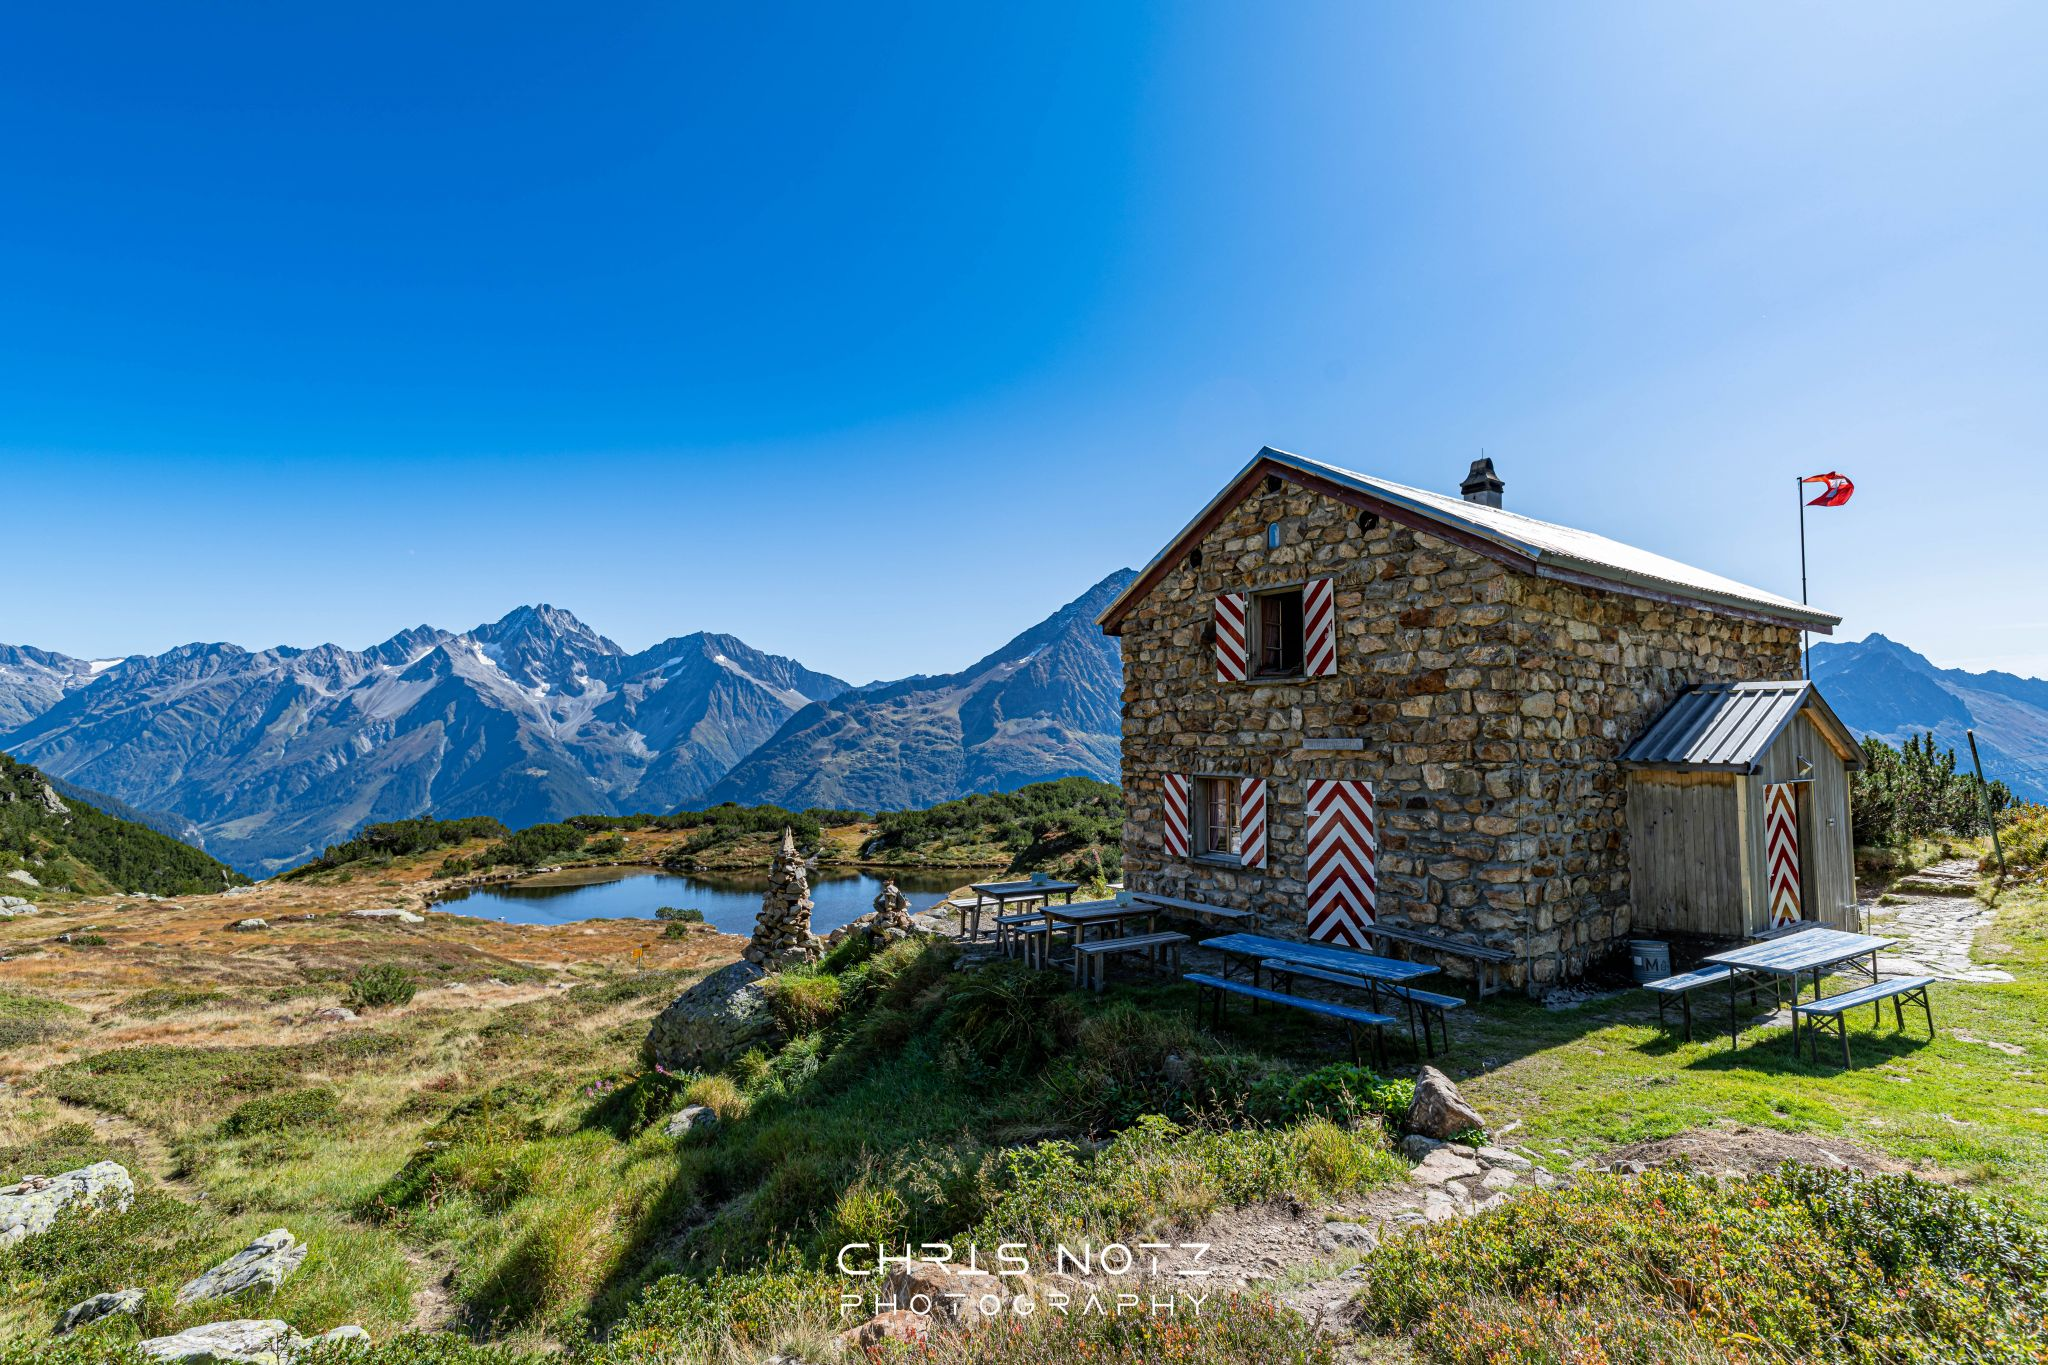 Sunniggrat-Hütte, Switzerland